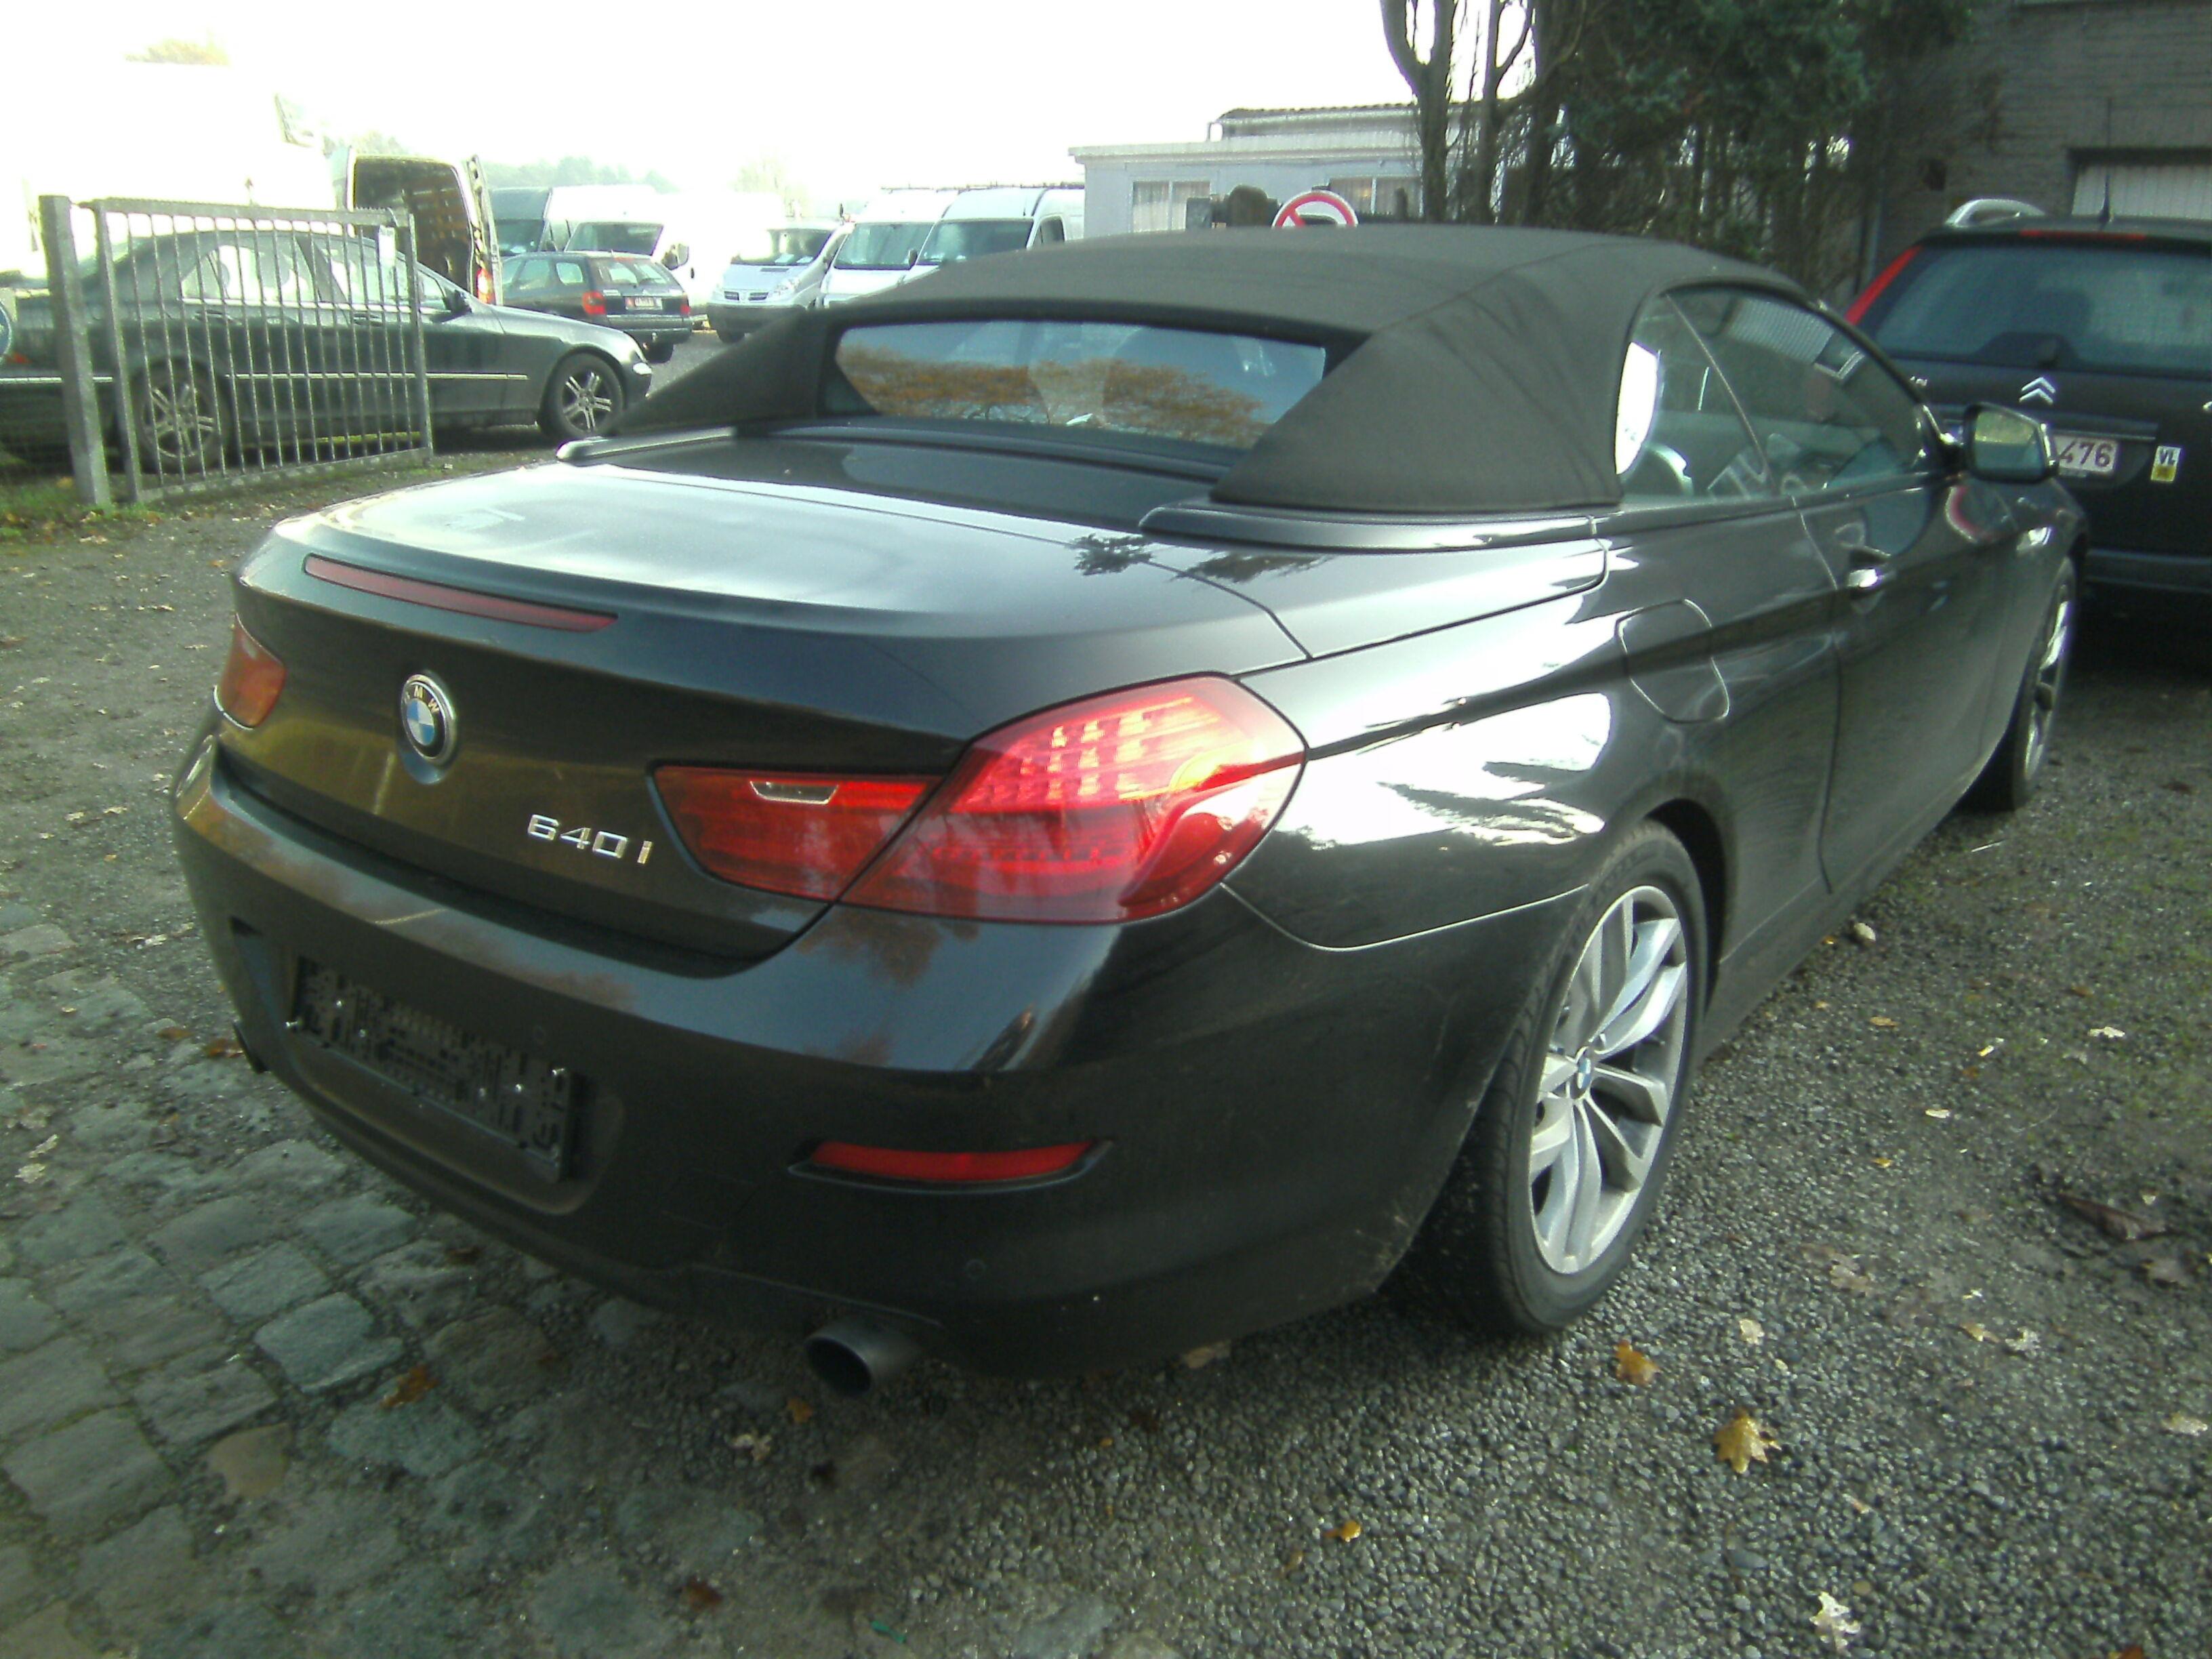 BMW 640 Convertible cabrio 3.0 benzine ,400 eur biv!!,105 dkm !!F.O.,29000 geen btw 4/5